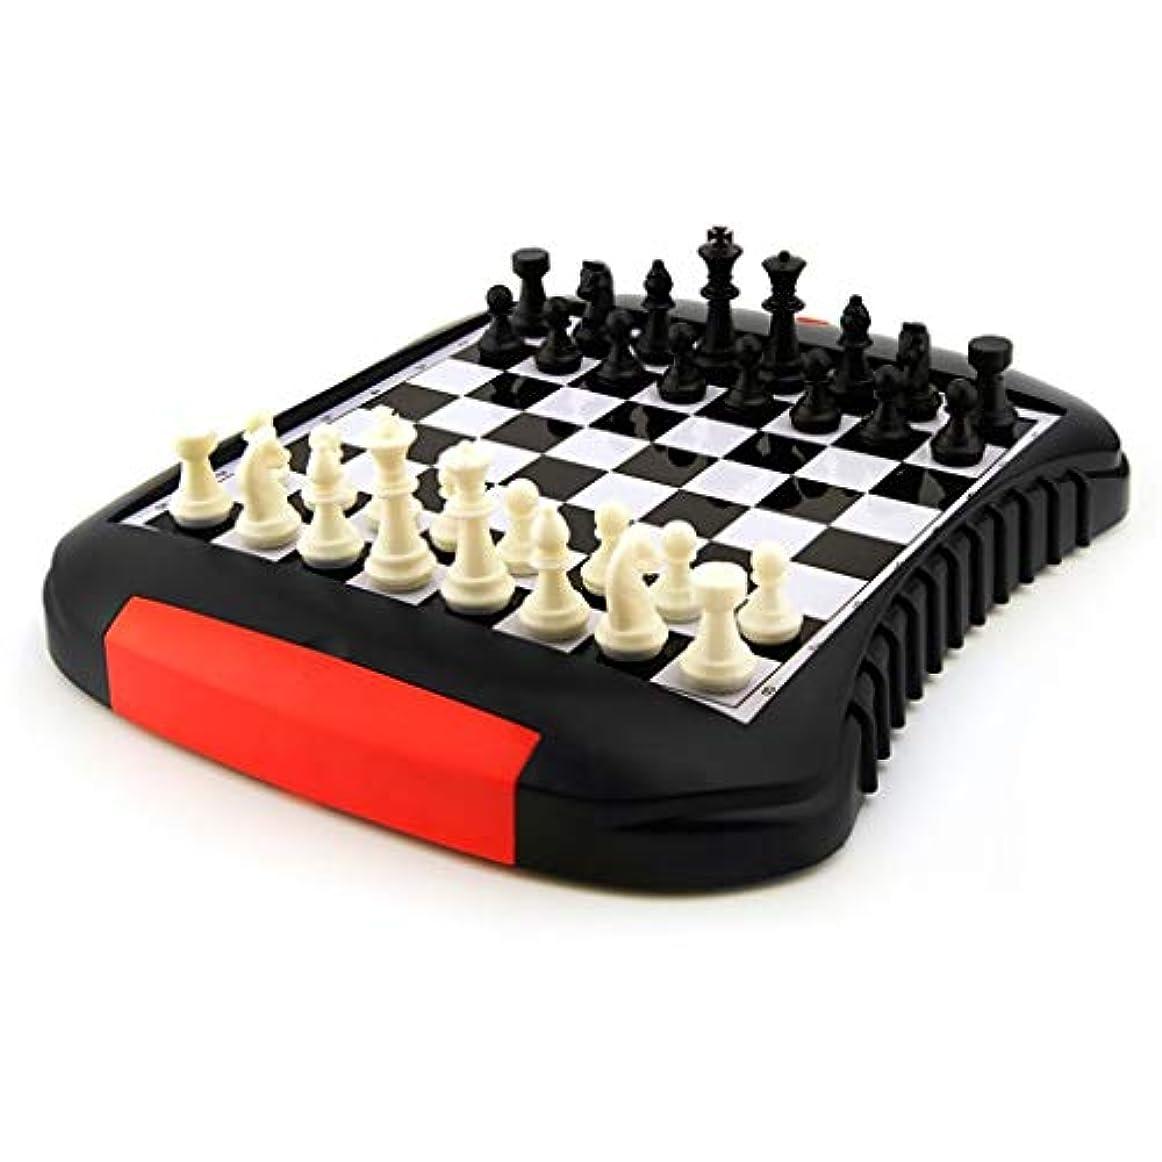 タンカー不可能な脅迫高品質おもちゃゲームチェス 磁気ABSチェスチェッカー子供学生初心者チェス折りたたみポータブル引き出しタイプチェス盤チェッカーチェス クリエイティブトラディショナルチェス (Color : Black+White, サイズ : 25.8*22*3CM)